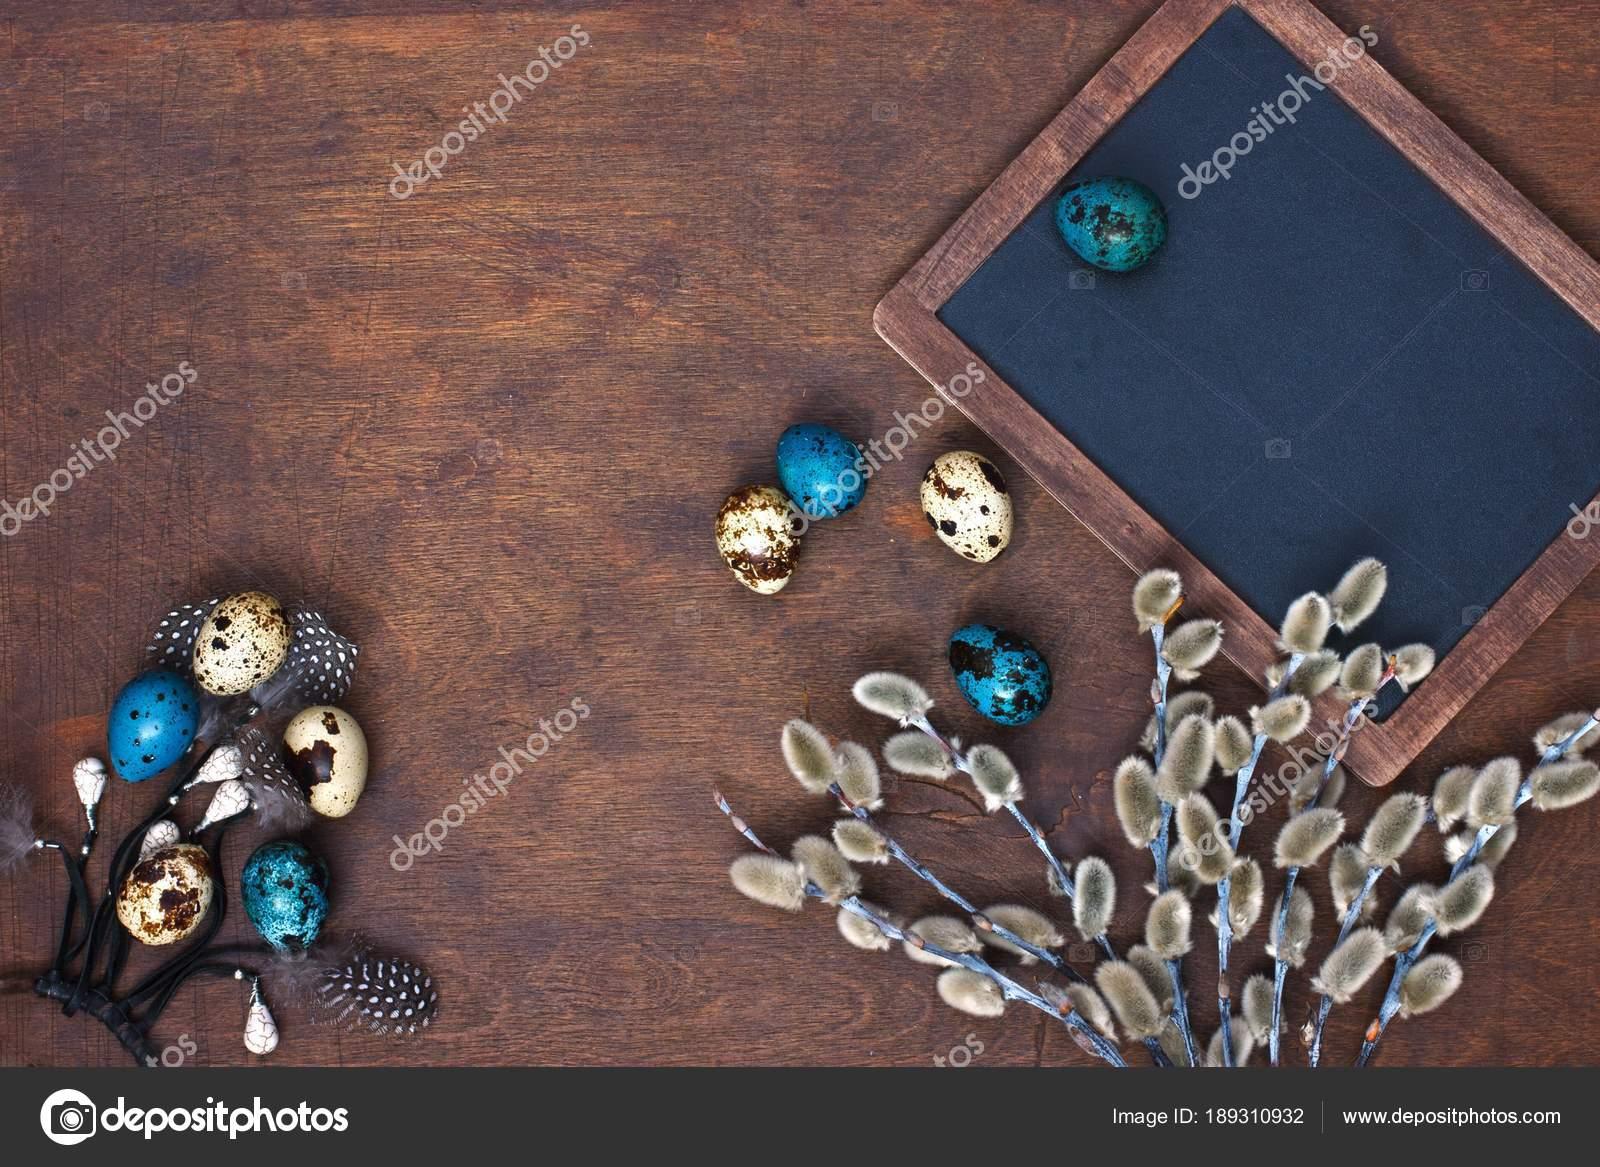 Ostern Fruhling Hintergrund Mit Deko Holz Schiefer Tafel Und Farbe